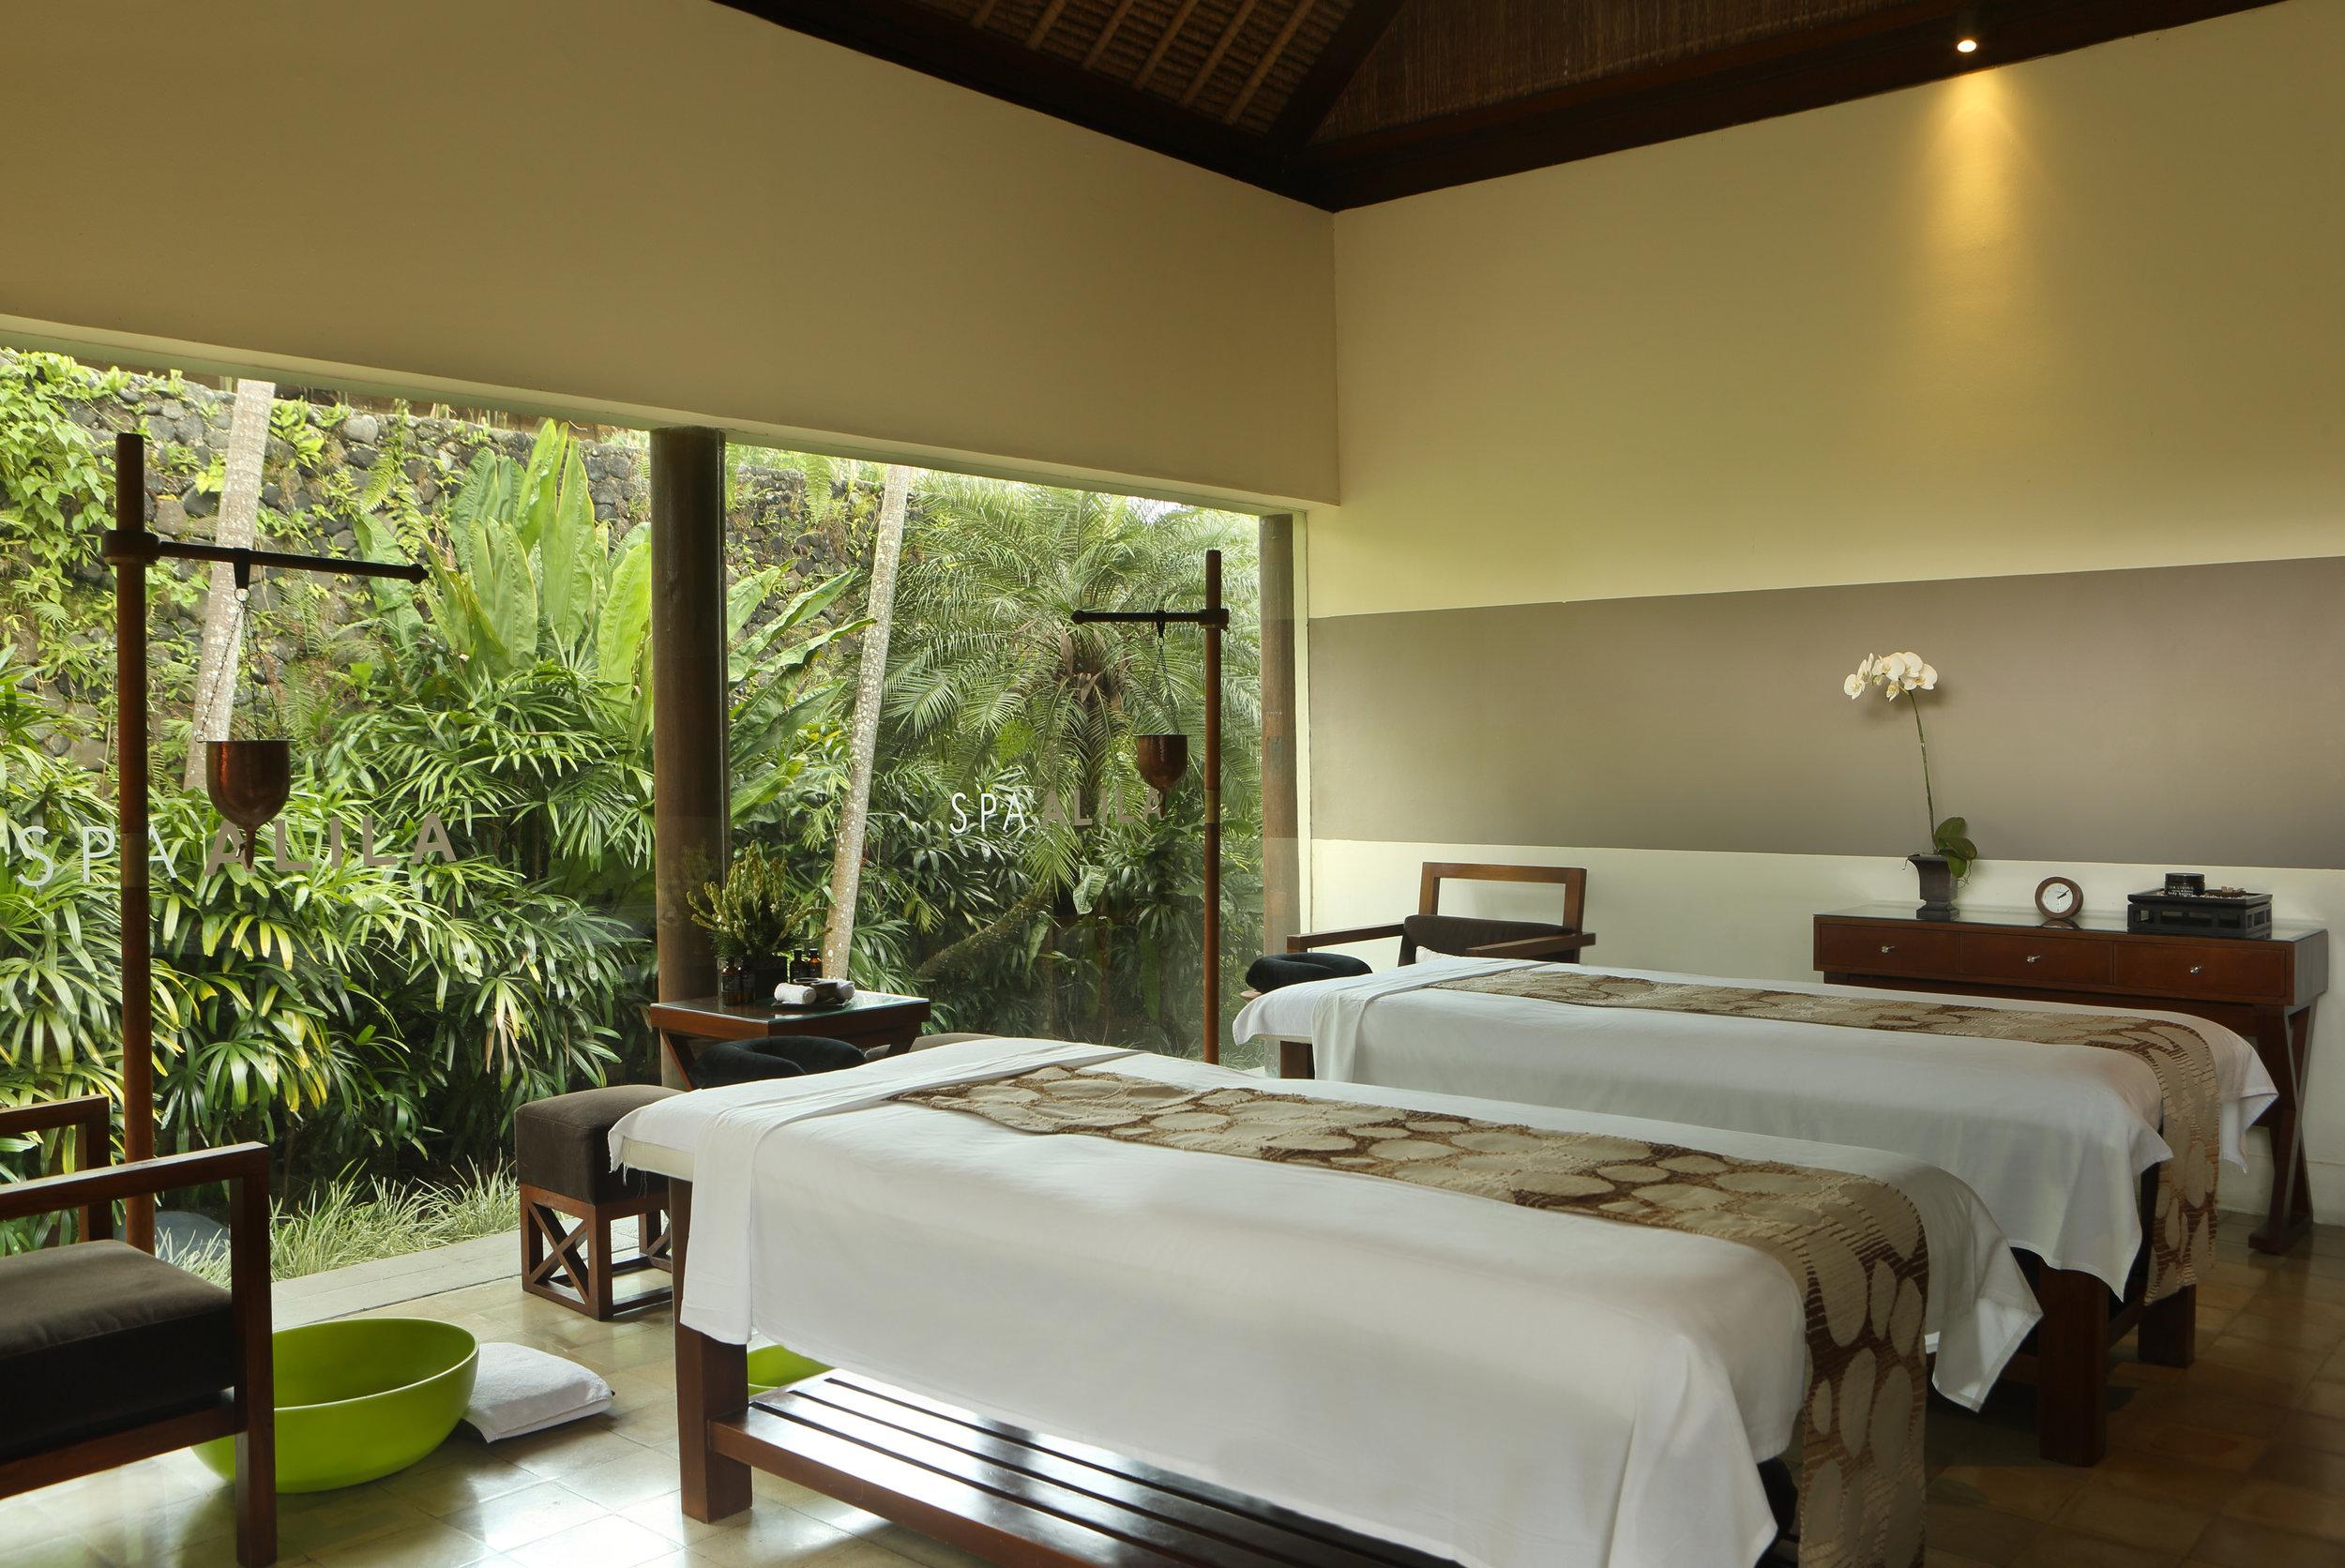 Alila Ubud - Spa Alila - Treatment Room.jpg